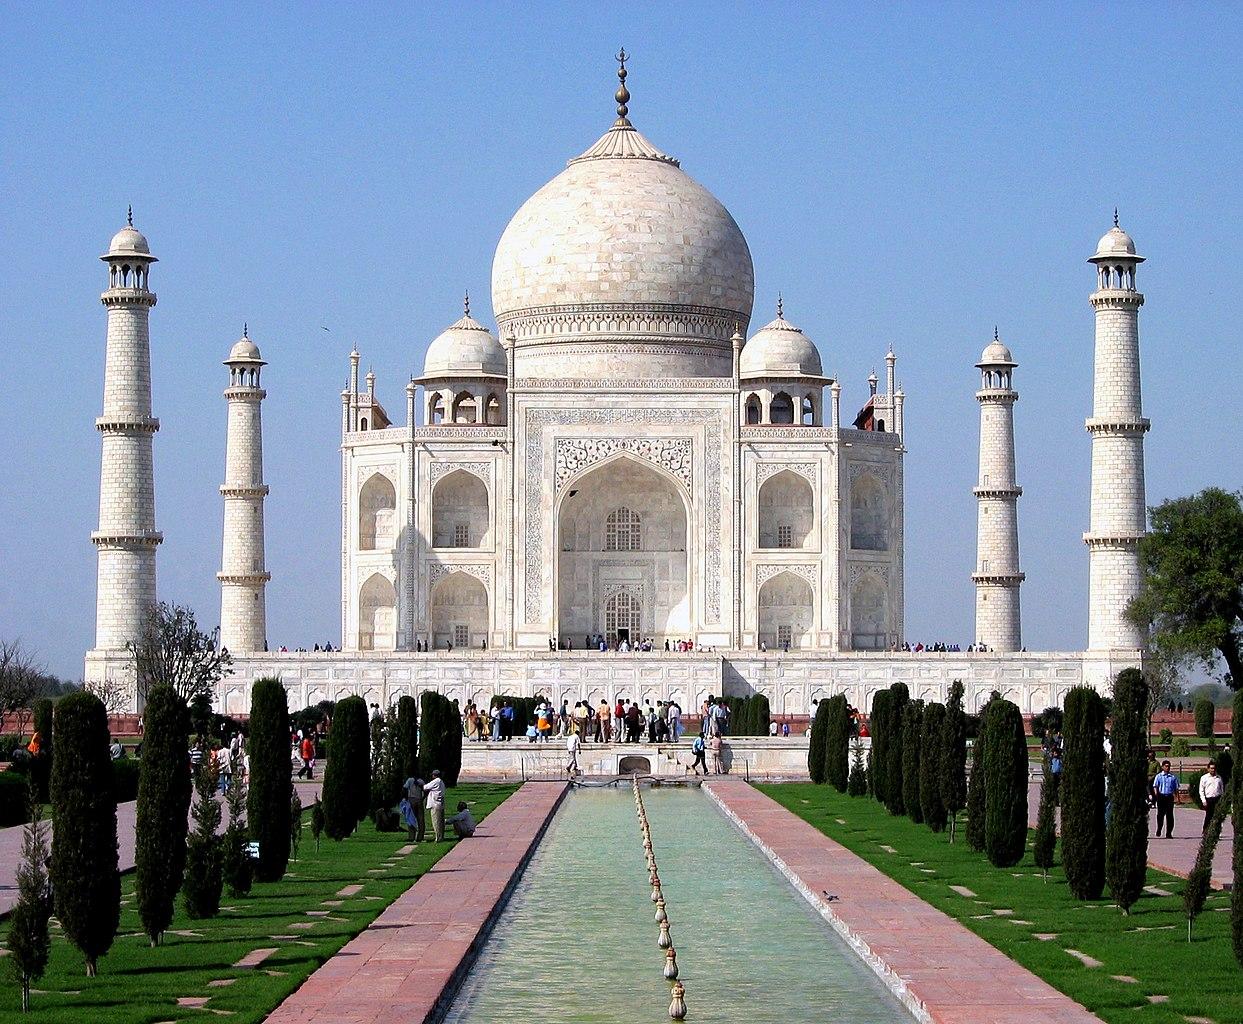 Taj Mahal di Agra. Shah Jahan membangunnya sebagai mausoleum untuk mengenang istrinya, Mumtaz Mahal. UNESCO memasukkannya ke dalam daftar Situs Warisan Dunia.